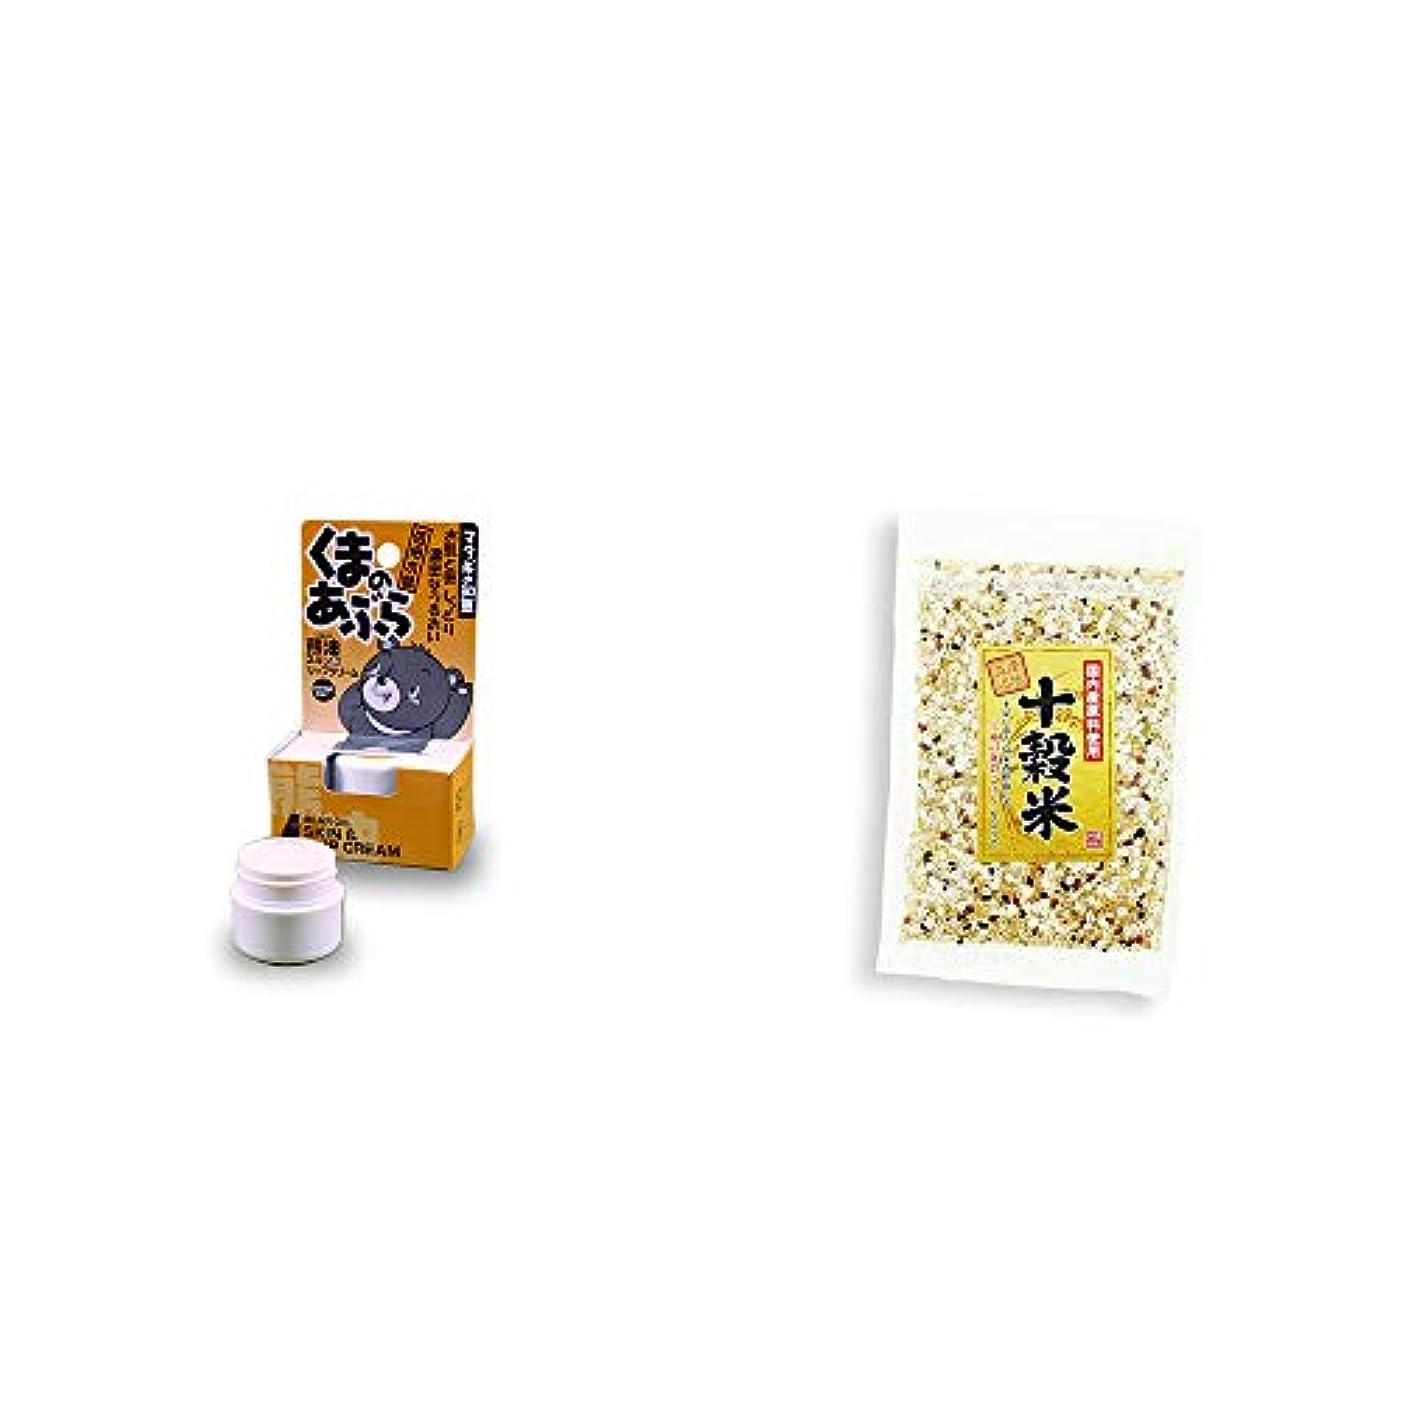 腹編集者バケツ[2点セット] 信州木曽 くまのあぶら 熊油スキン&リップクリーム(9g)?国産原料使用 十穀米(300g)